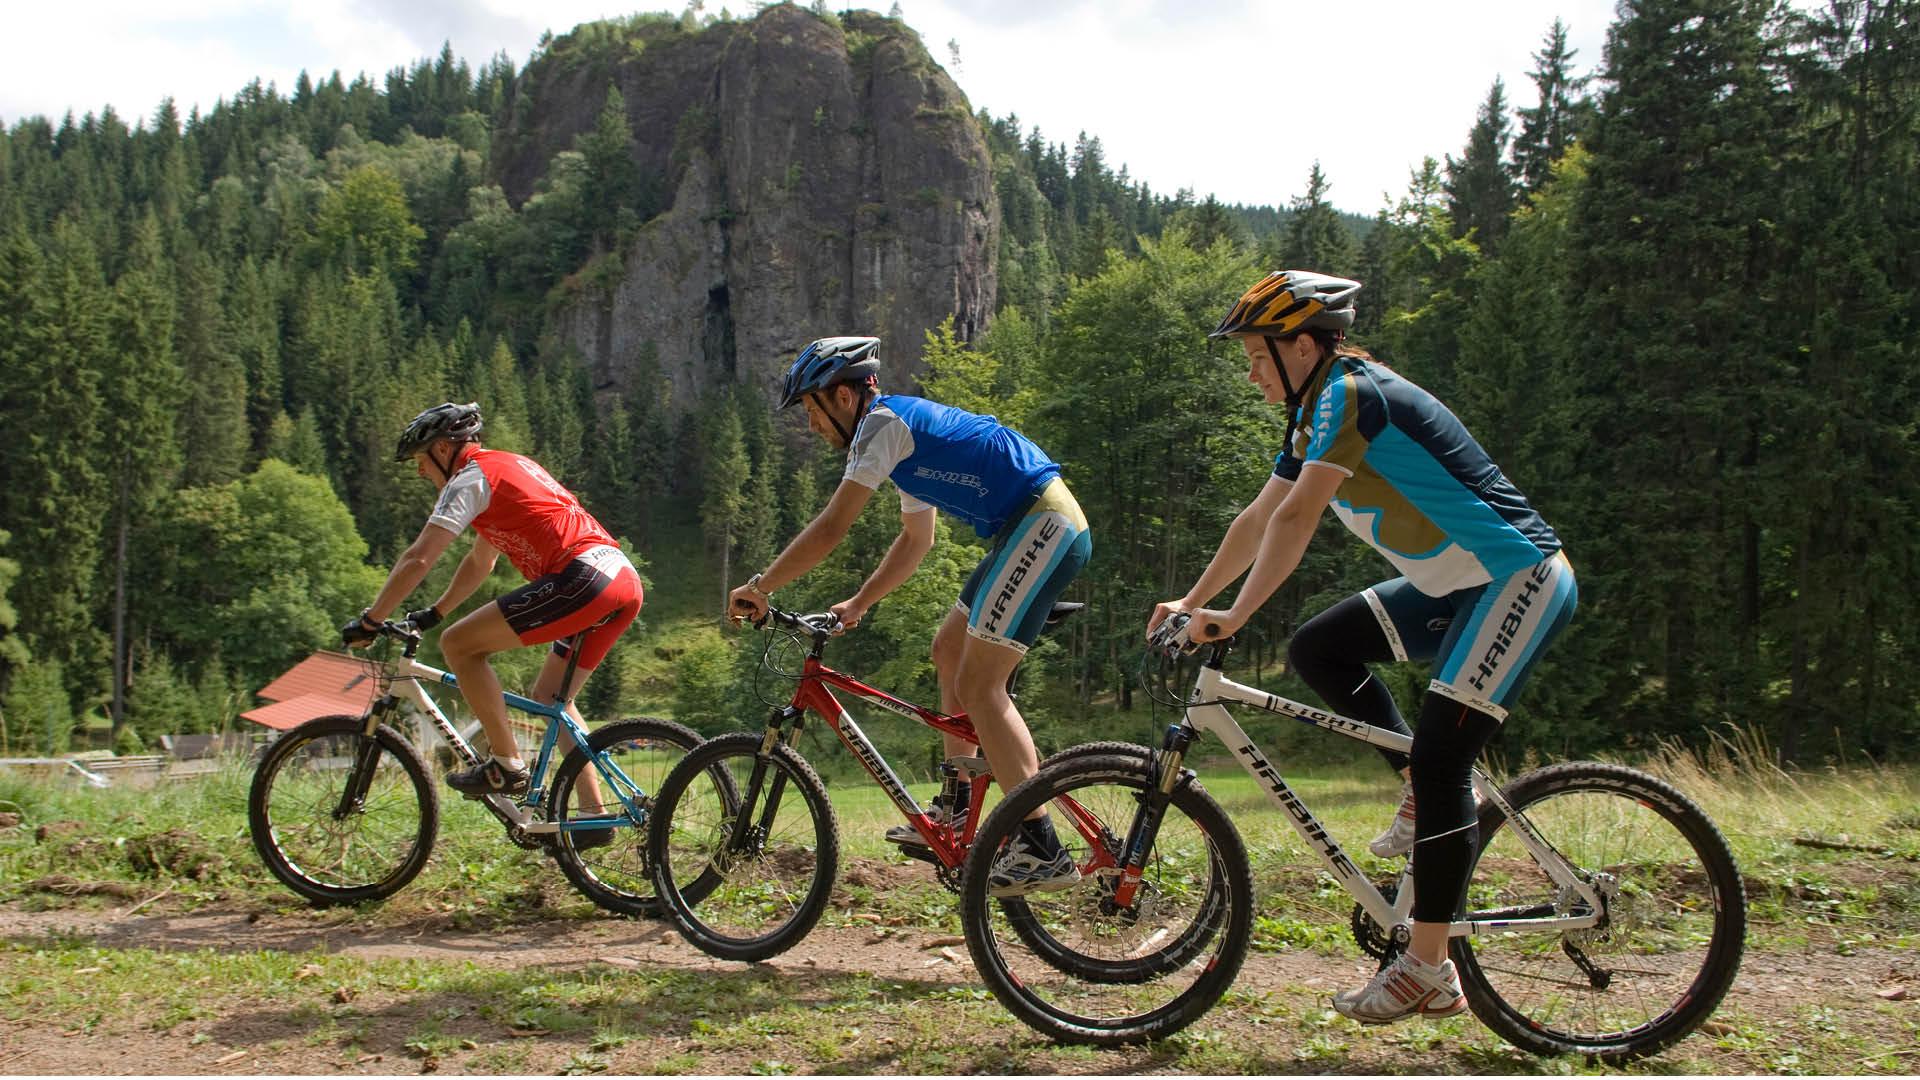 Gruppe Mountainbiker bei Oberhof | Oberhof Hotel Urlaub im Thüringenschanze